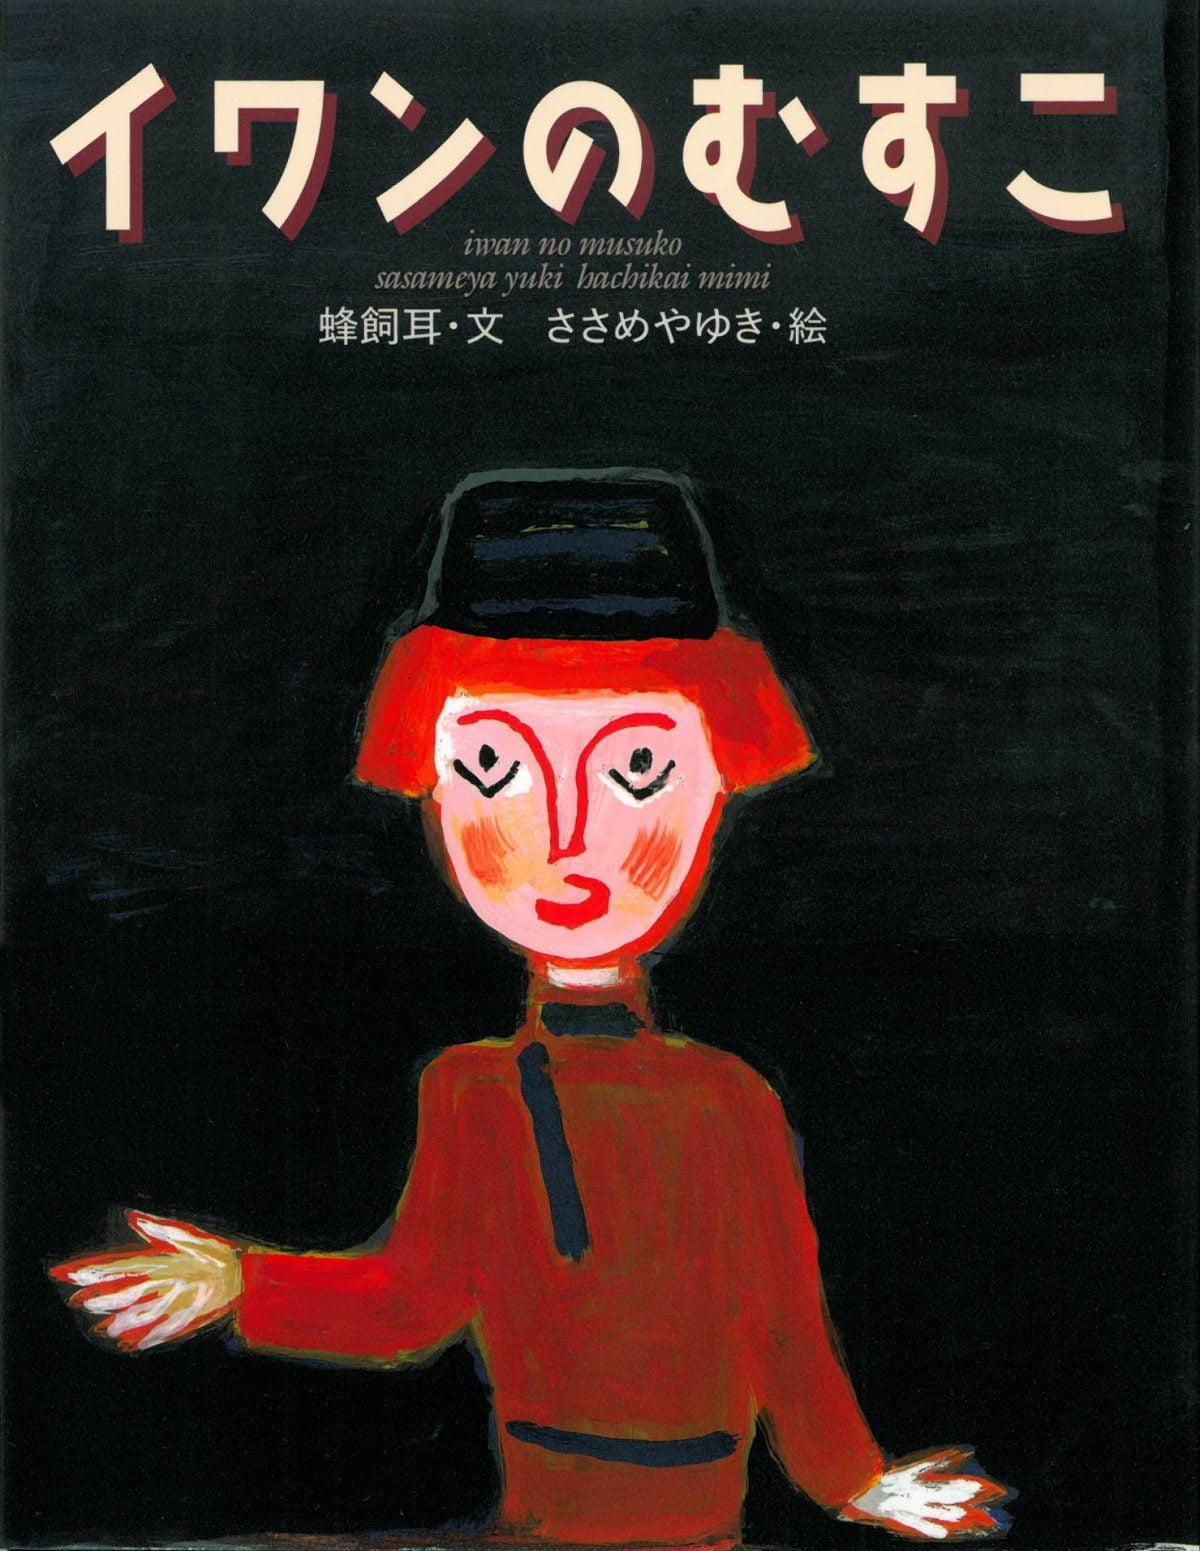 絵本「イワンのむすこ」の表紙